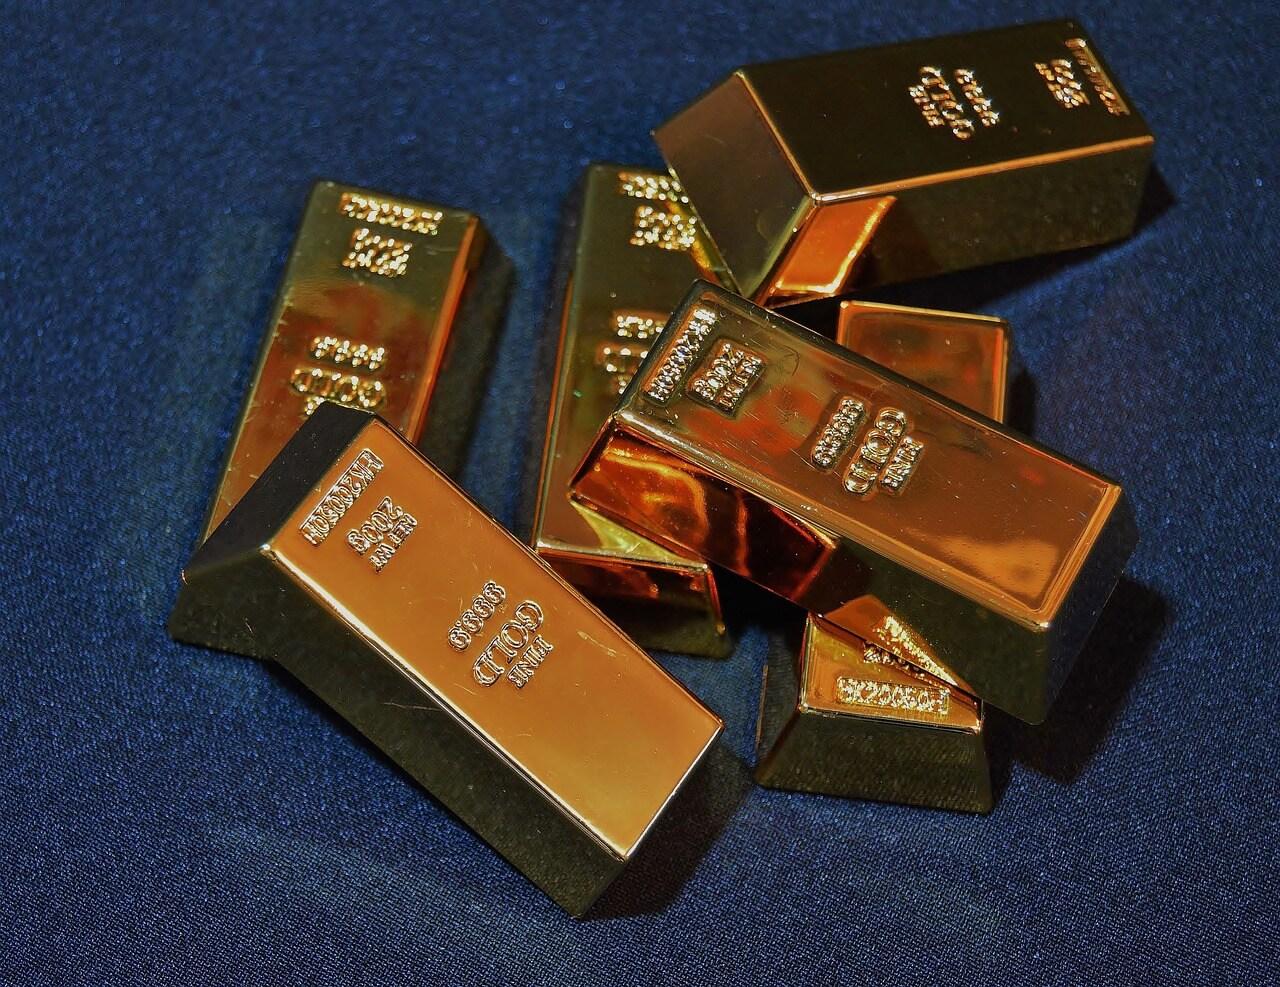 Golden Gates stellt Gold-Sparplan für Kinder vor: Mit Kängurus